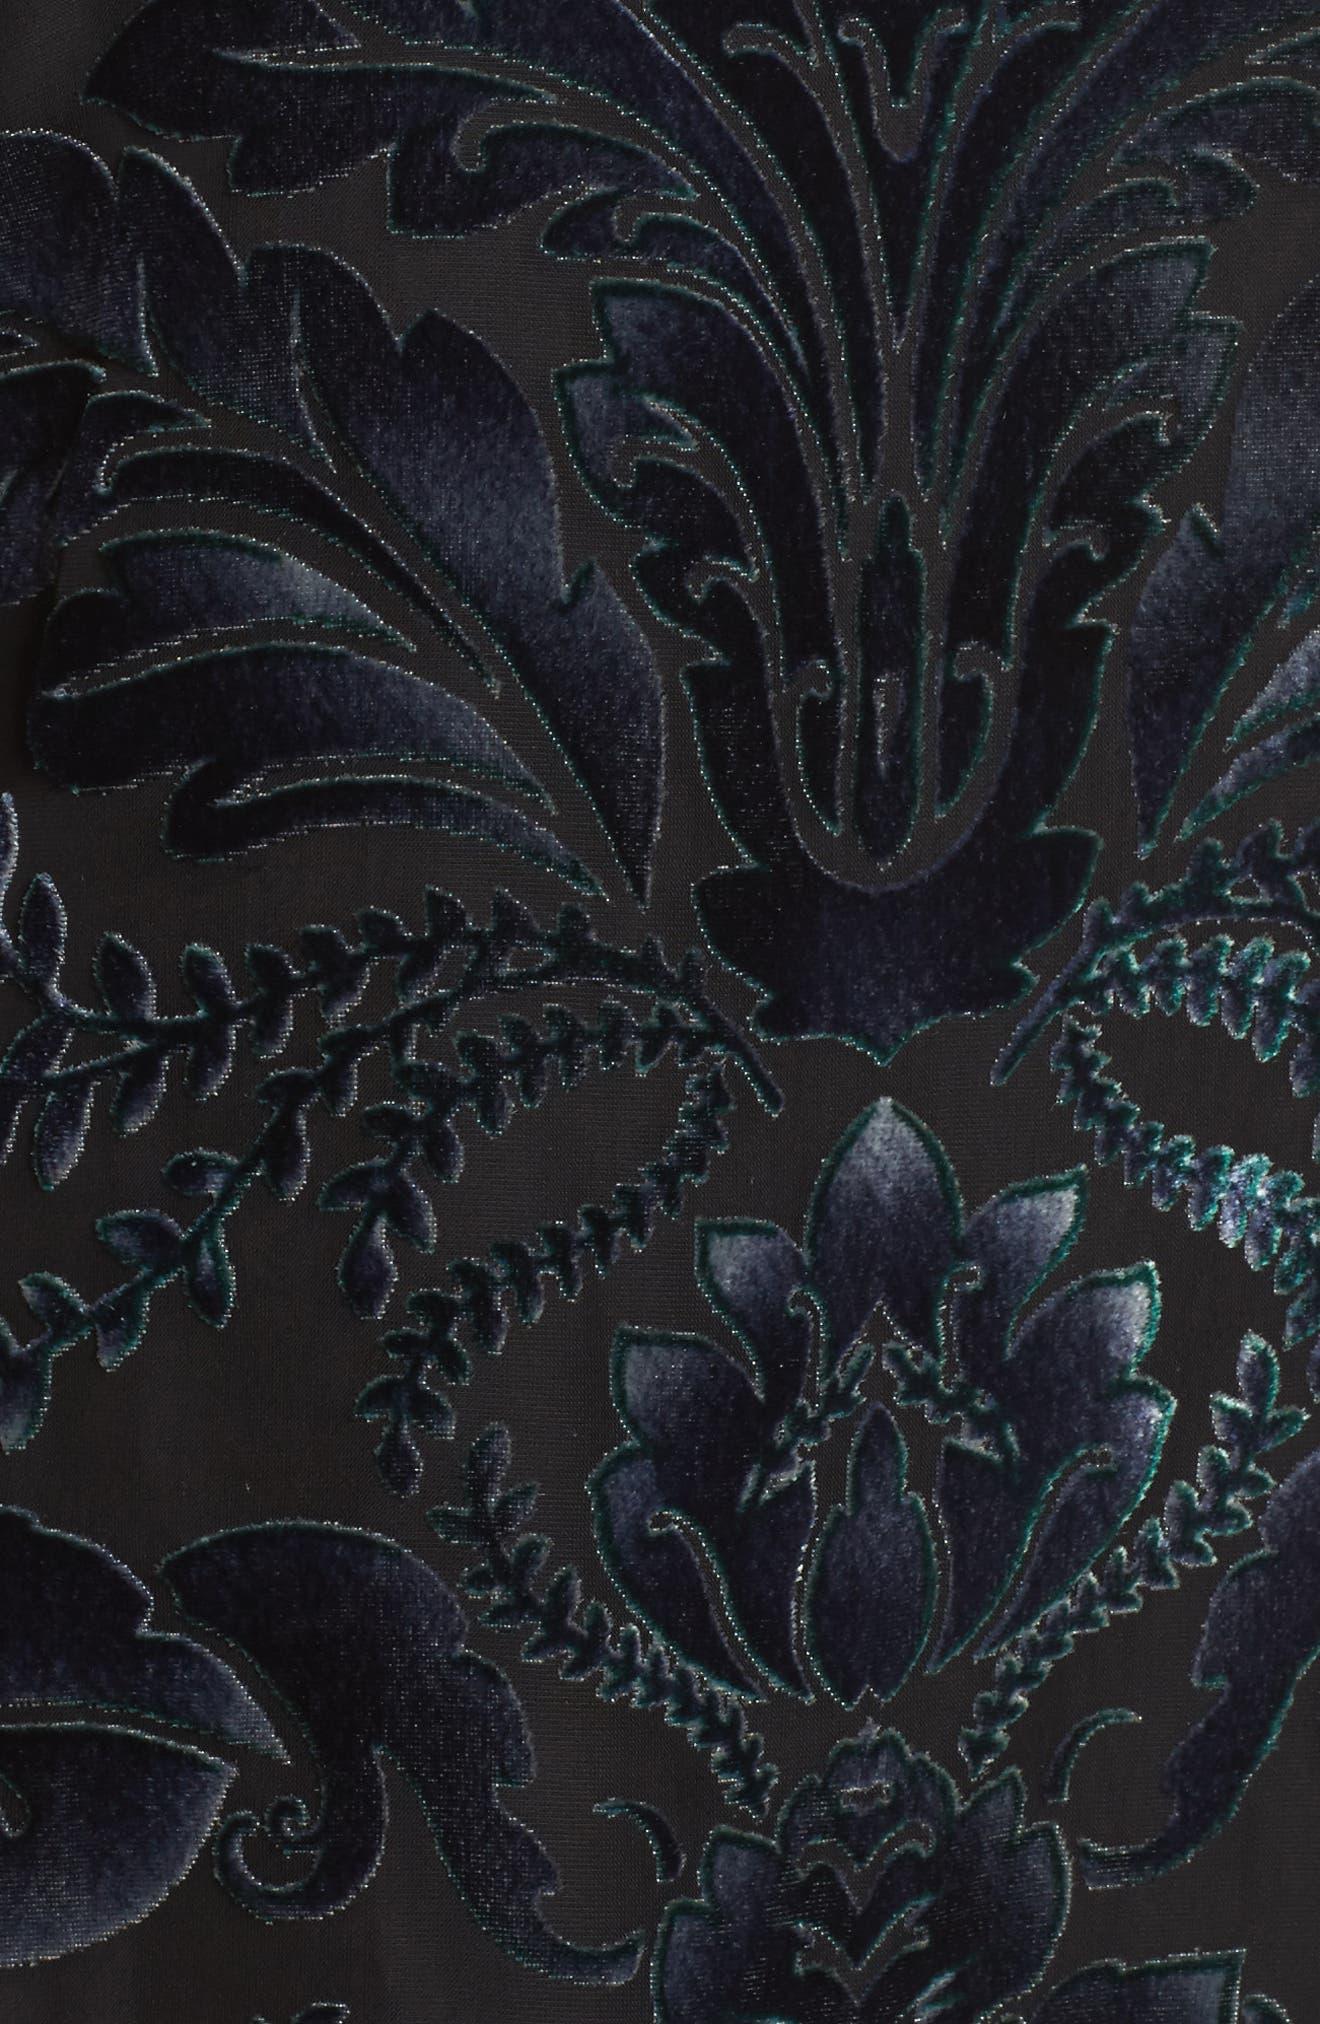 Off the Shoulder Velvet Dress,                             Alternate thumbnail 5, color,                             Black/ Navy/ Green